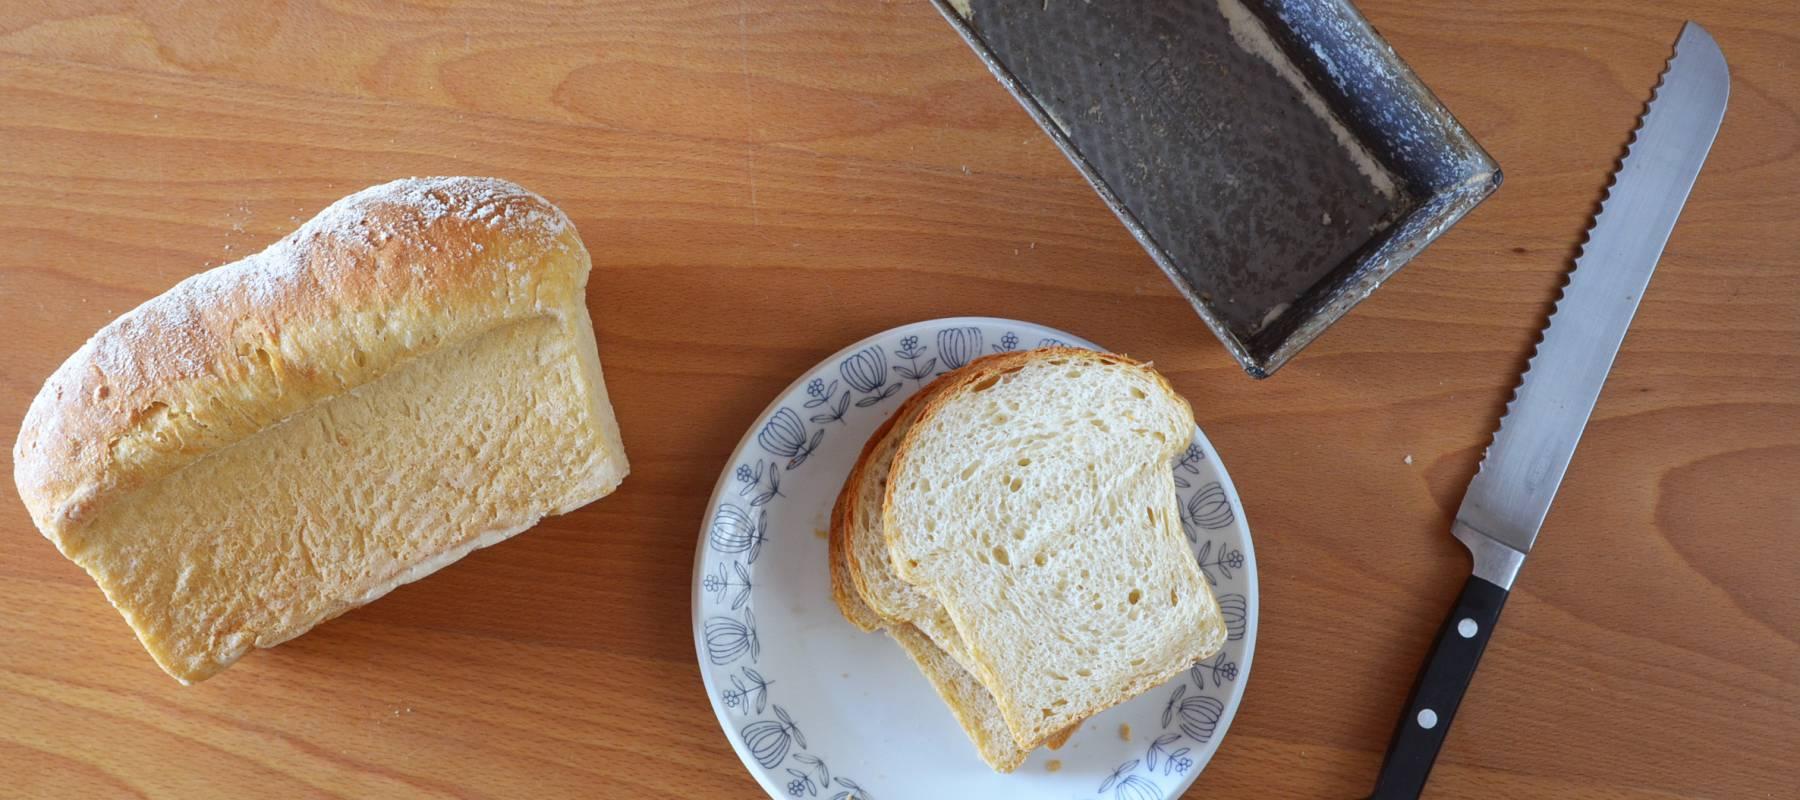 Pan de molde con maz escaldado Recetas El Comidista EL PAS